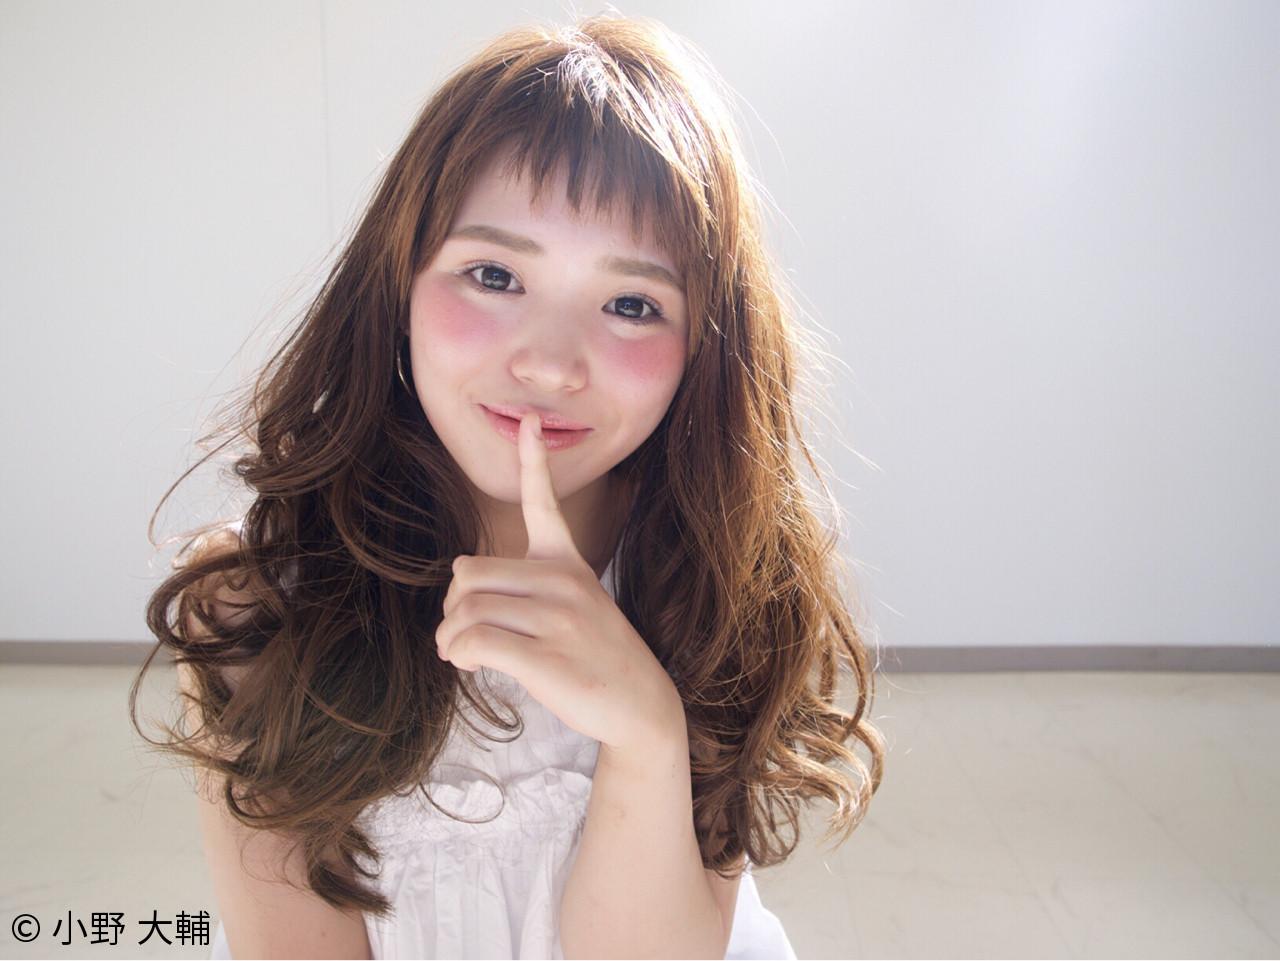 【丸顔さん向け】似合う前髪で顔型カバー!小顔に見えるすっきりバングとは 小野 大輔 | ape beauty WORLD